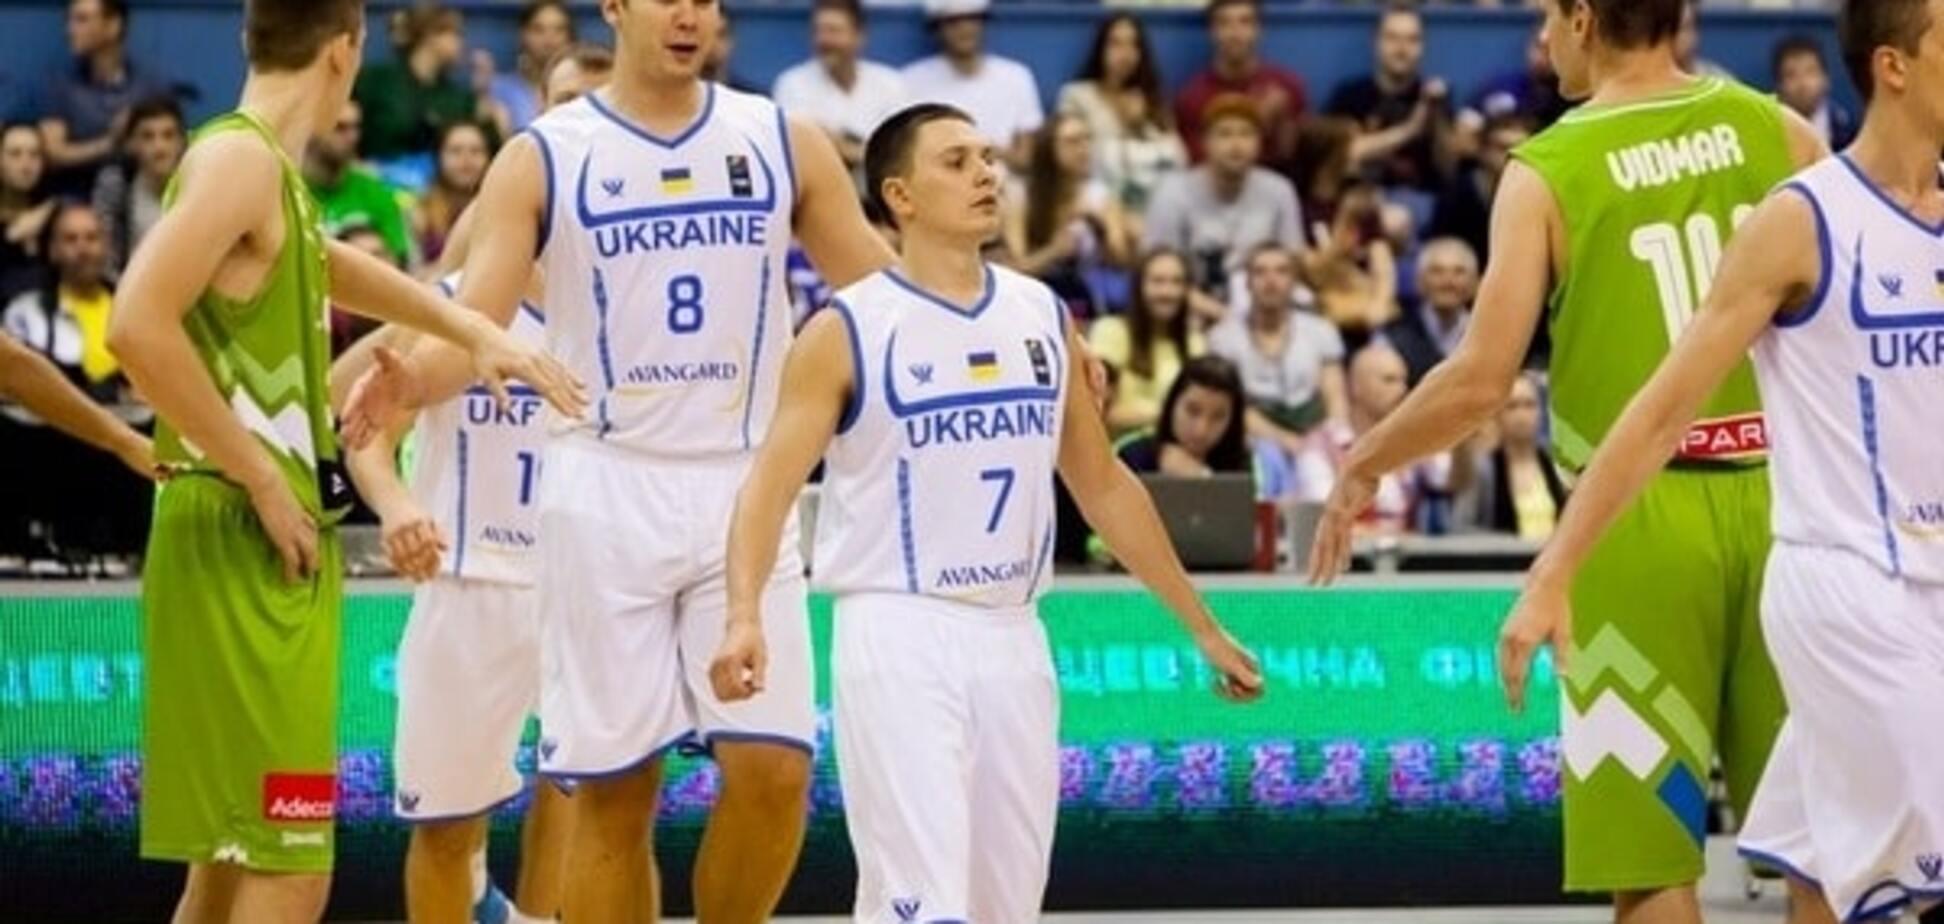 'Сумасшедший баскетбол': капитан сборной Украины объяснил поражение от Словении в отборе на Евробаскет-2017